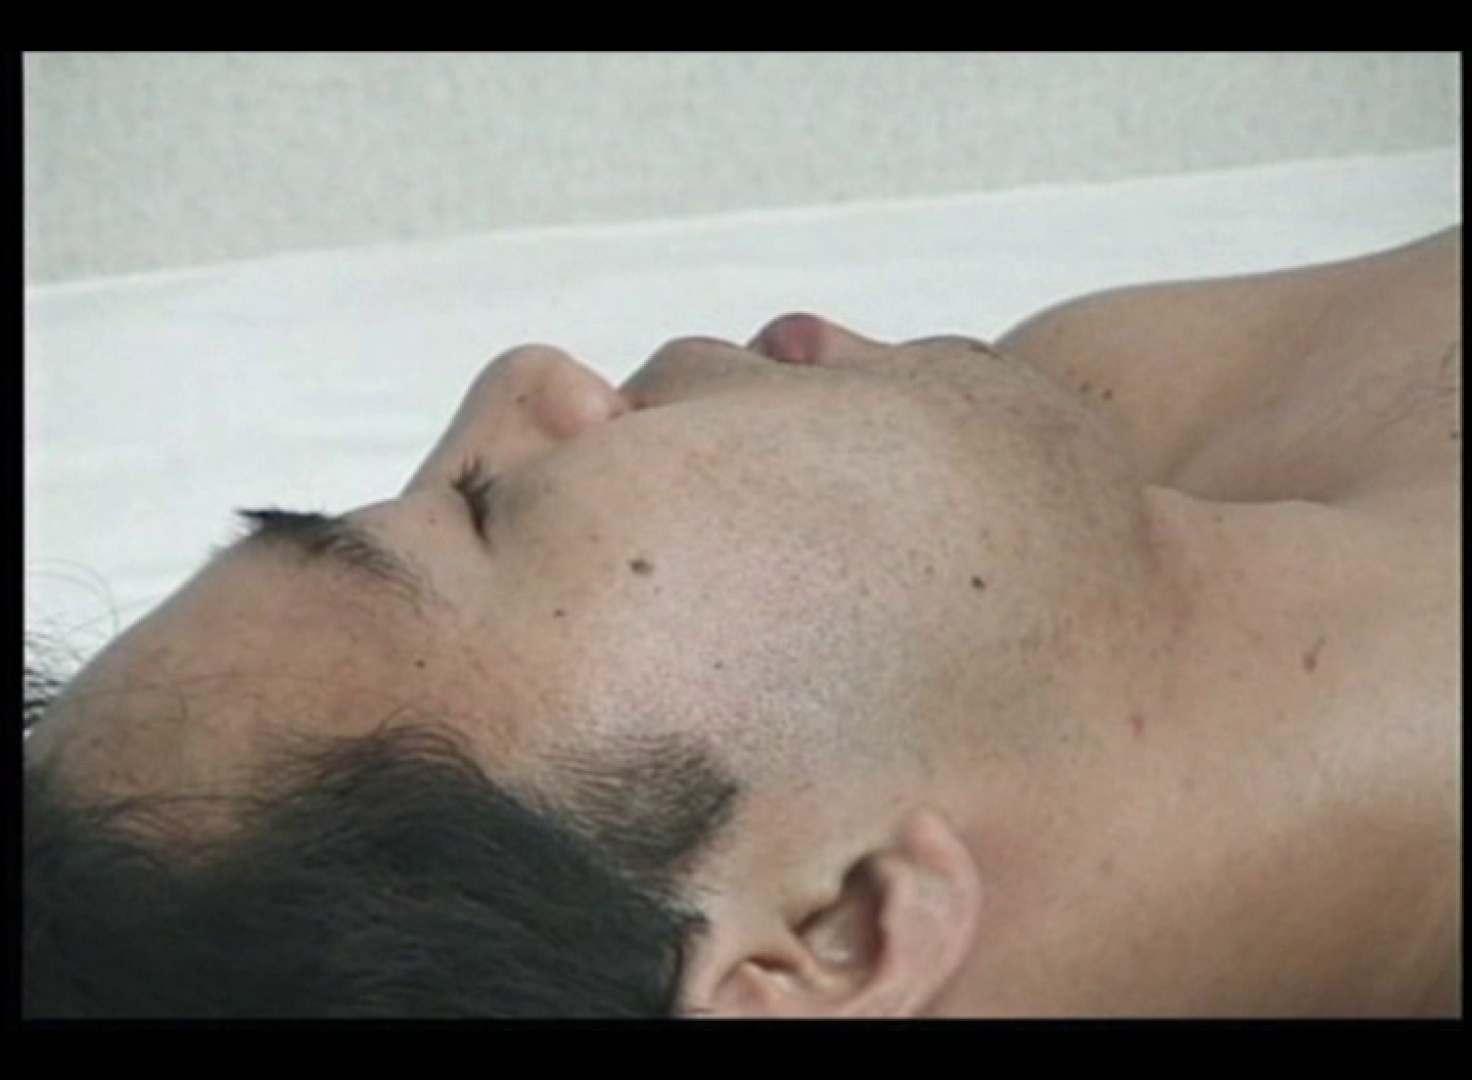 リーマンの秘密 Vol.01 フェチ ゲイえろ動画紹介 11画像 6